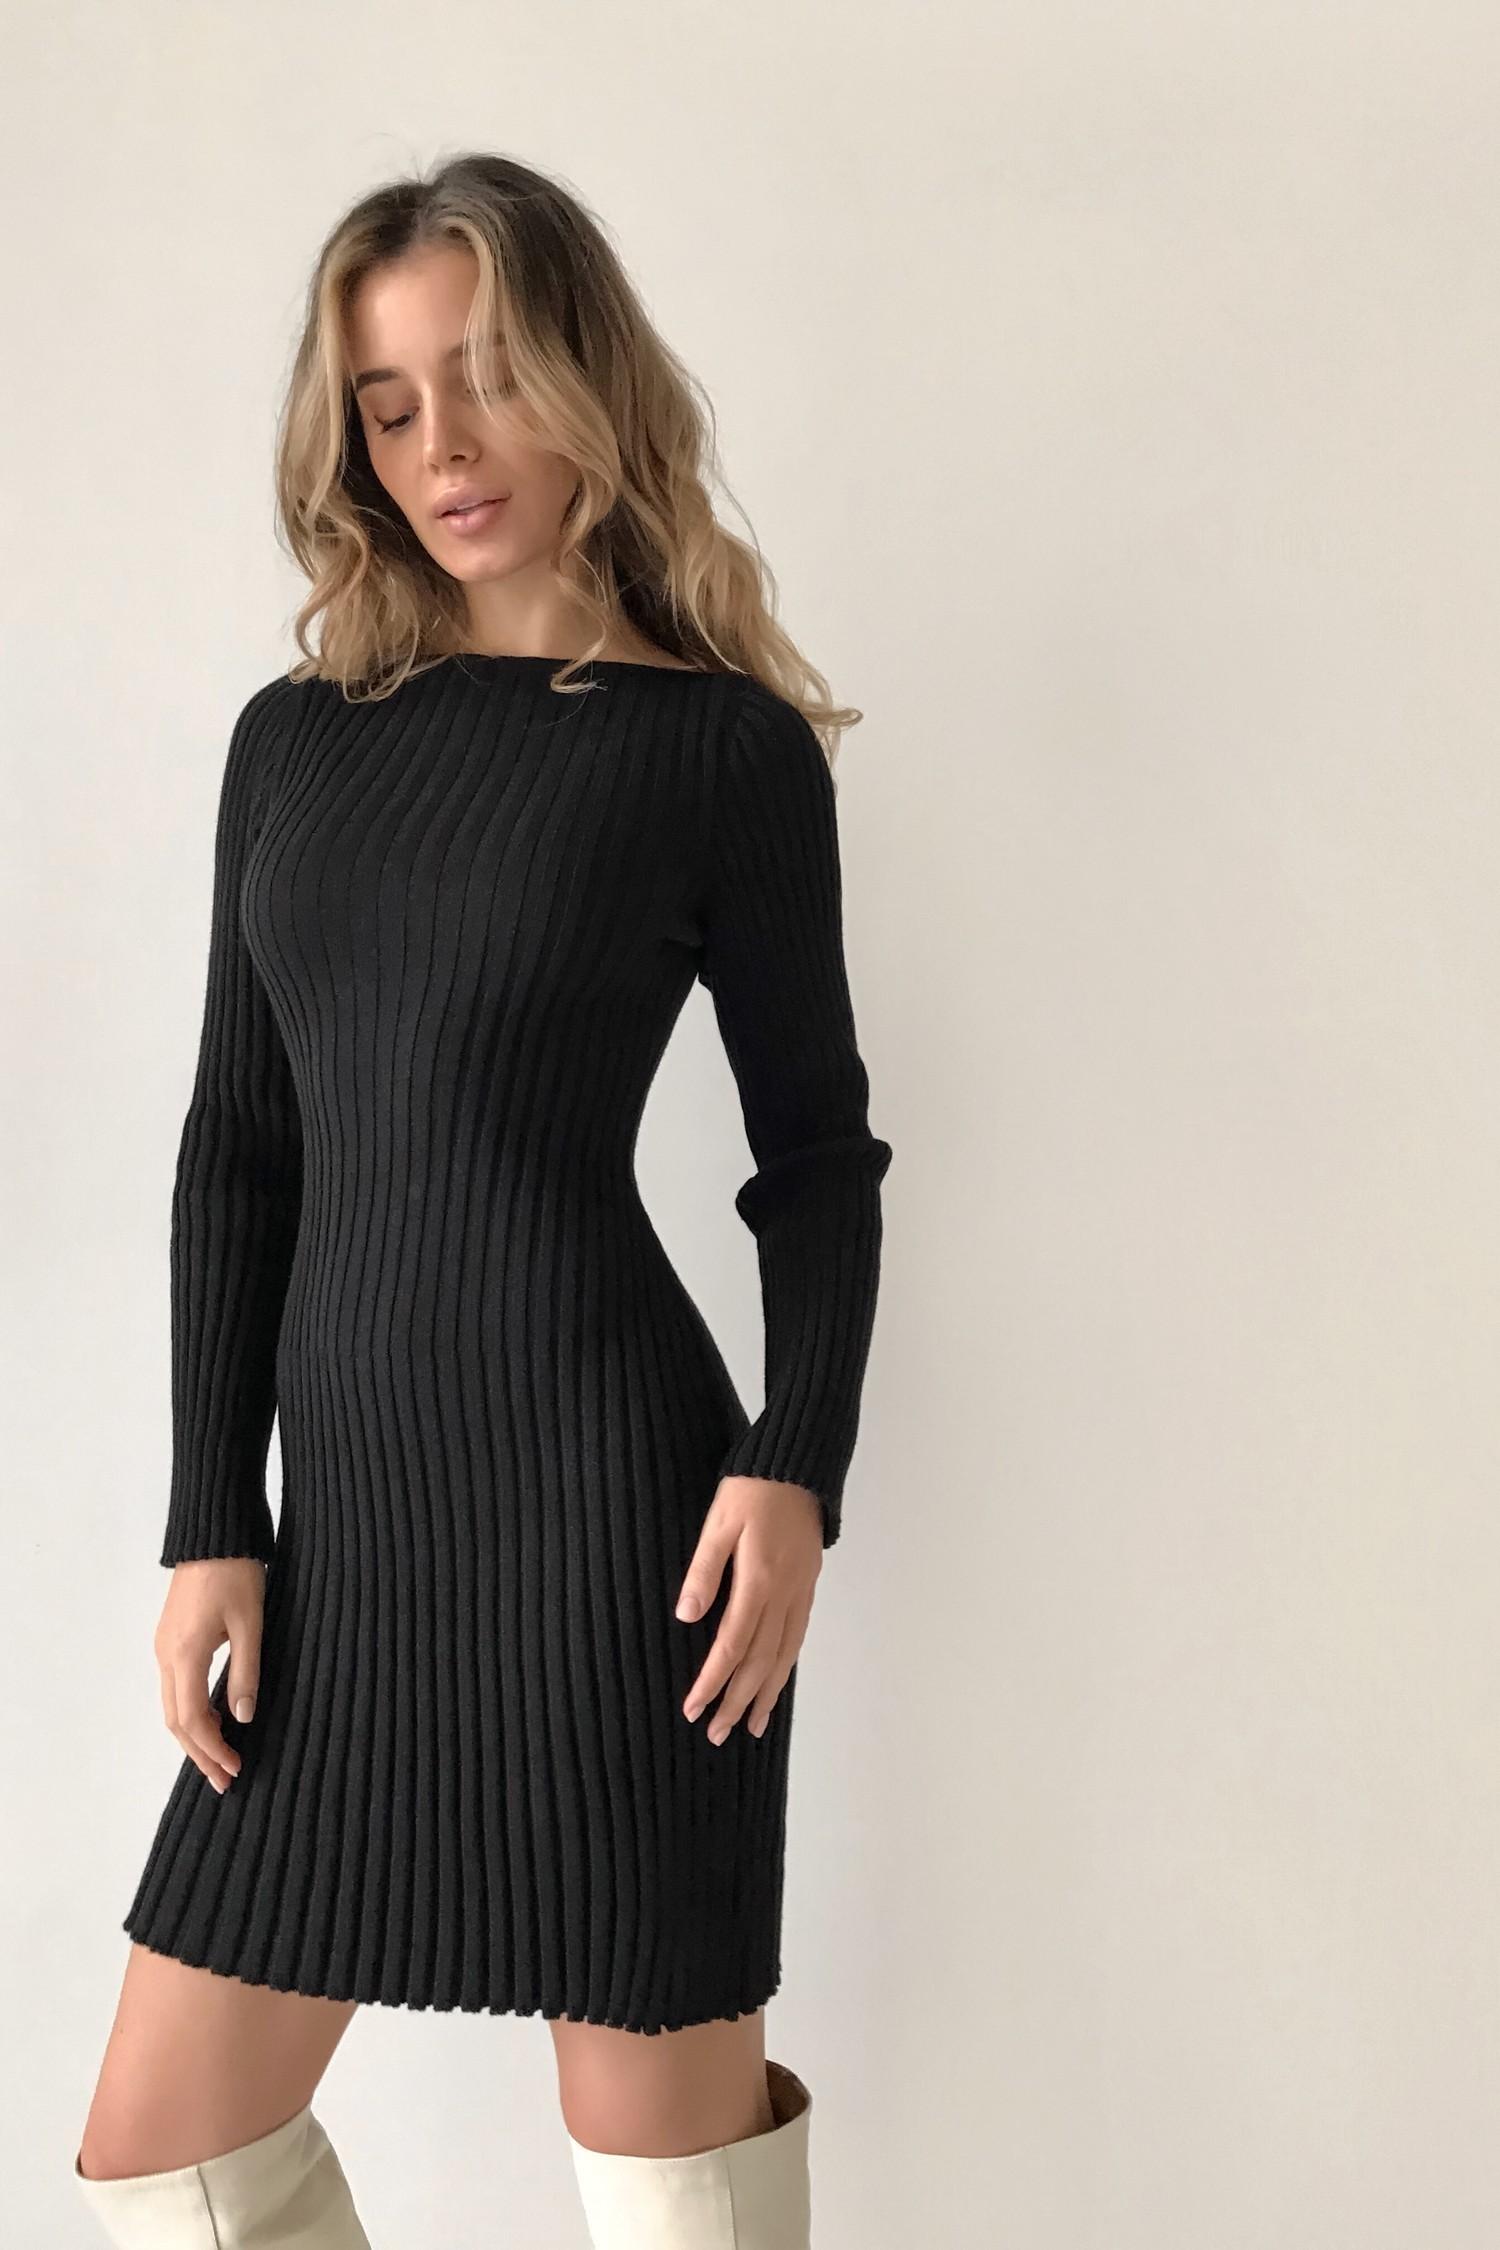 Трикотажное платье мини черное - THE LACE